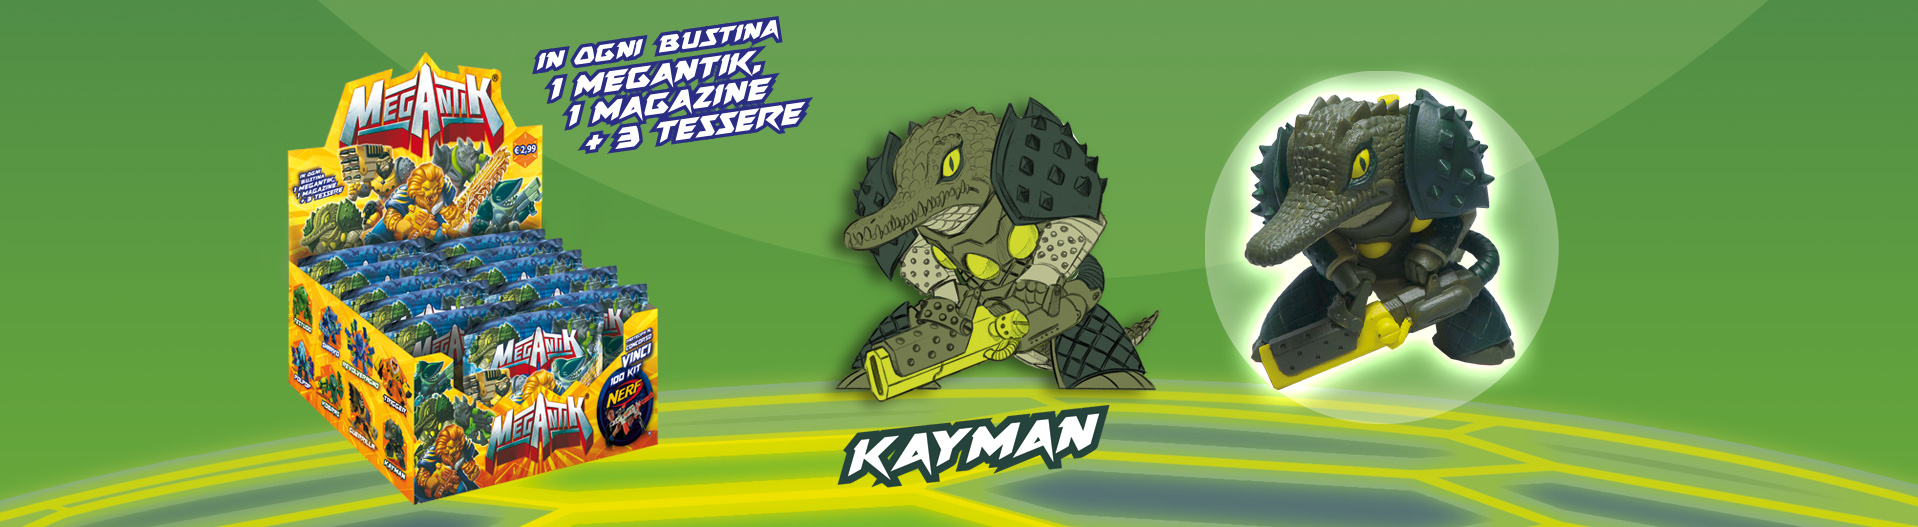 KAYMAN1